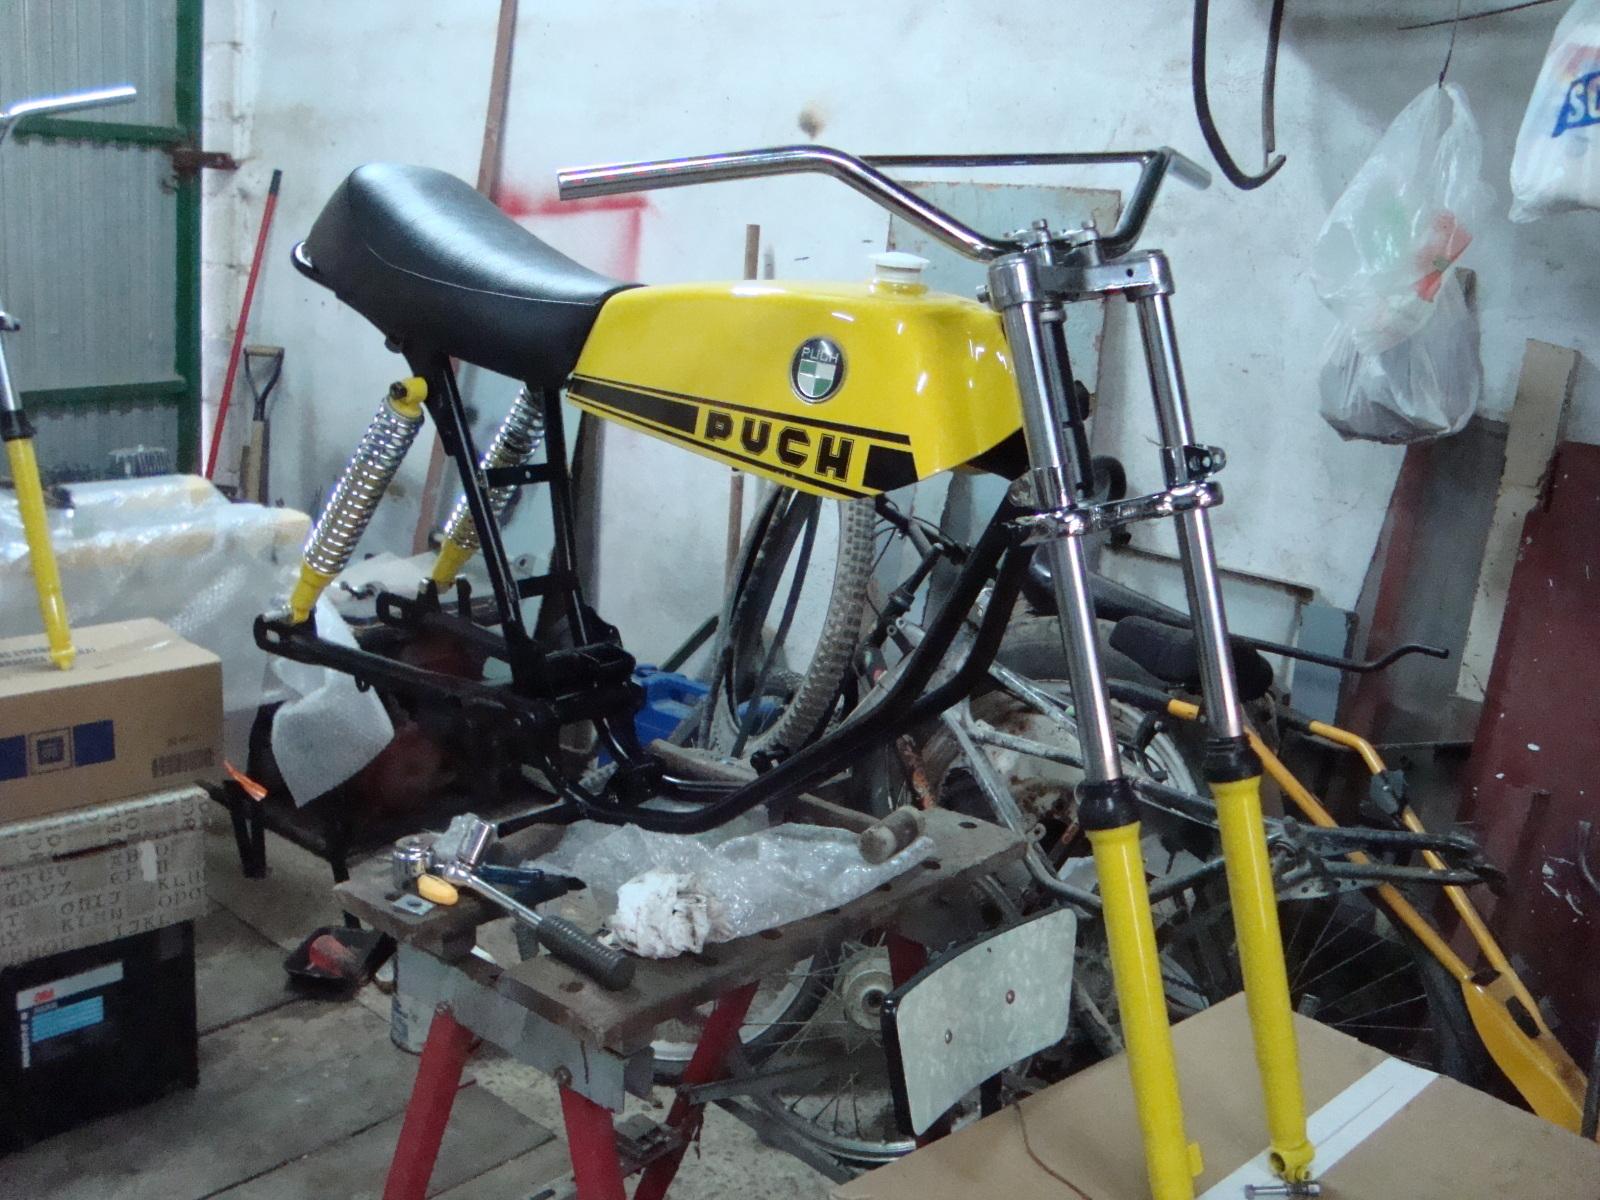 Puch Cobra M-82 2ª serie 2cz7jhx